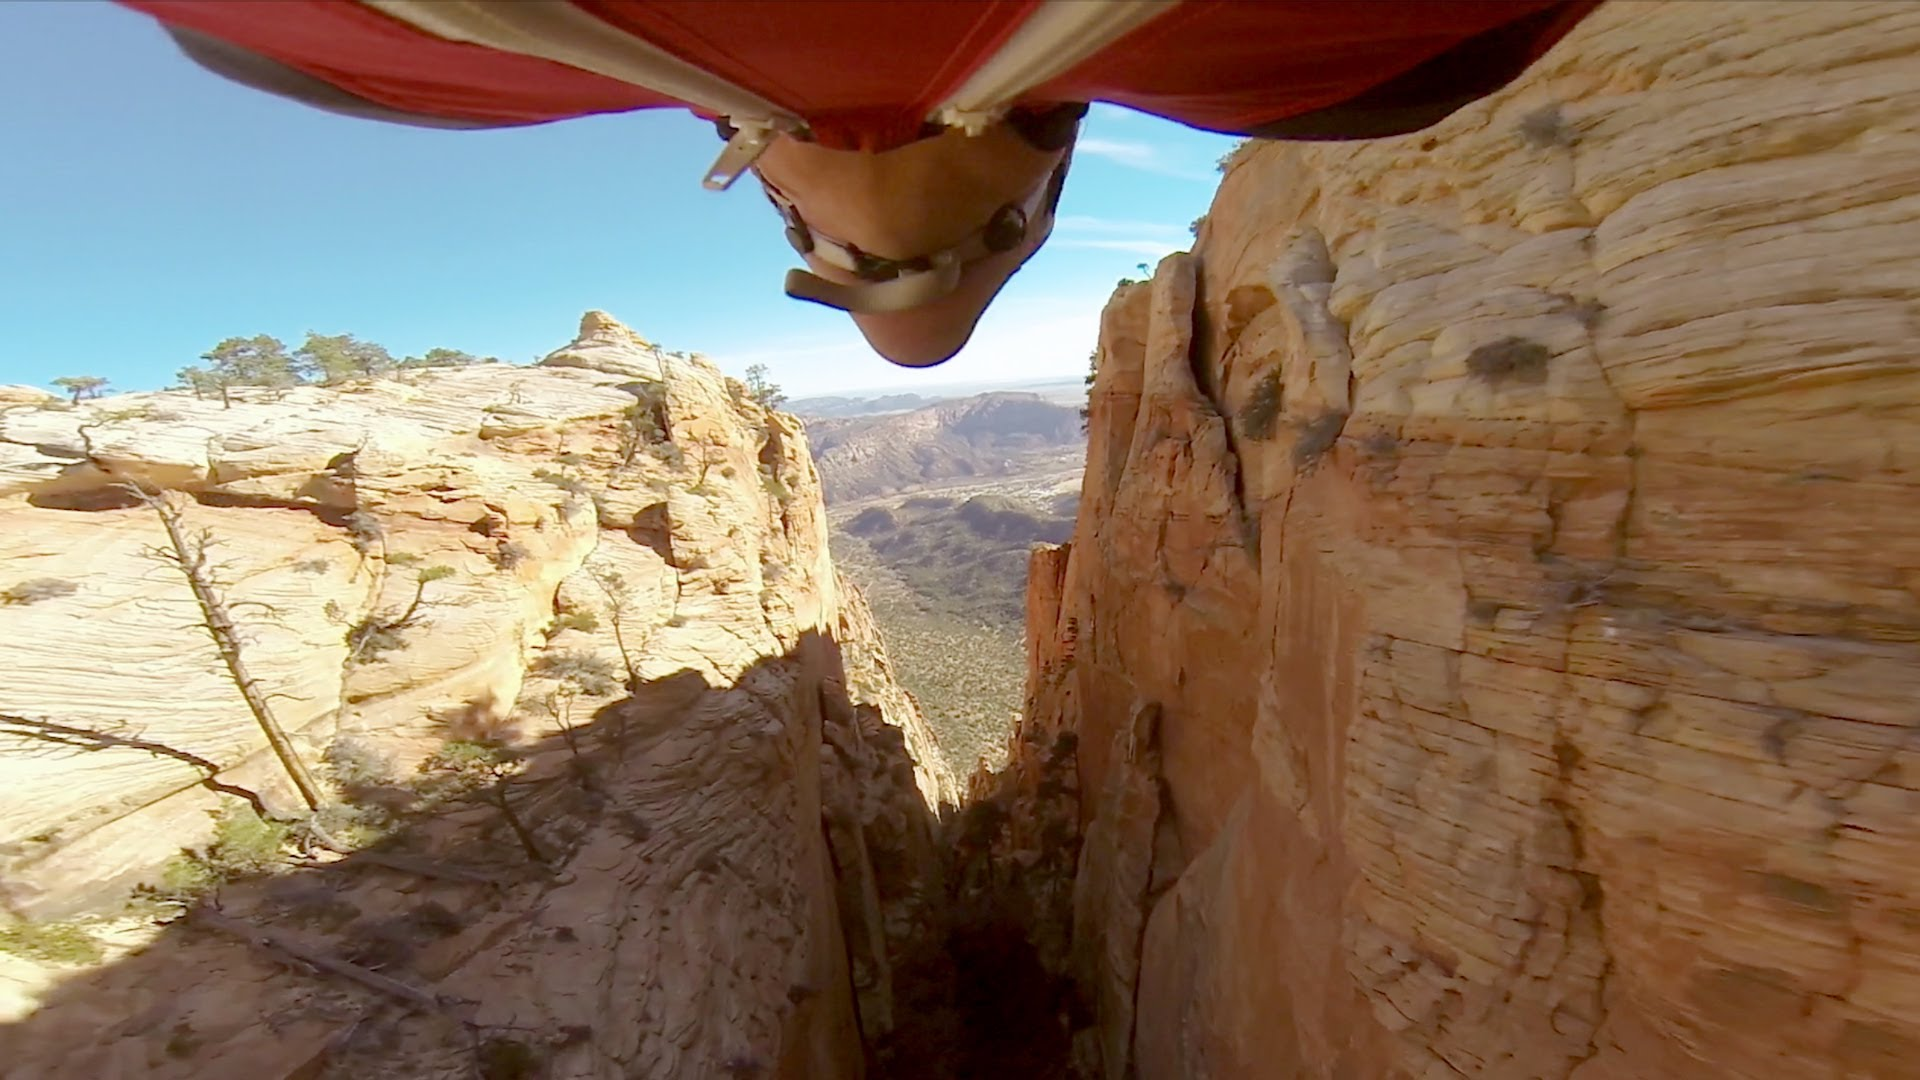 De la wingsuit dans un canyon